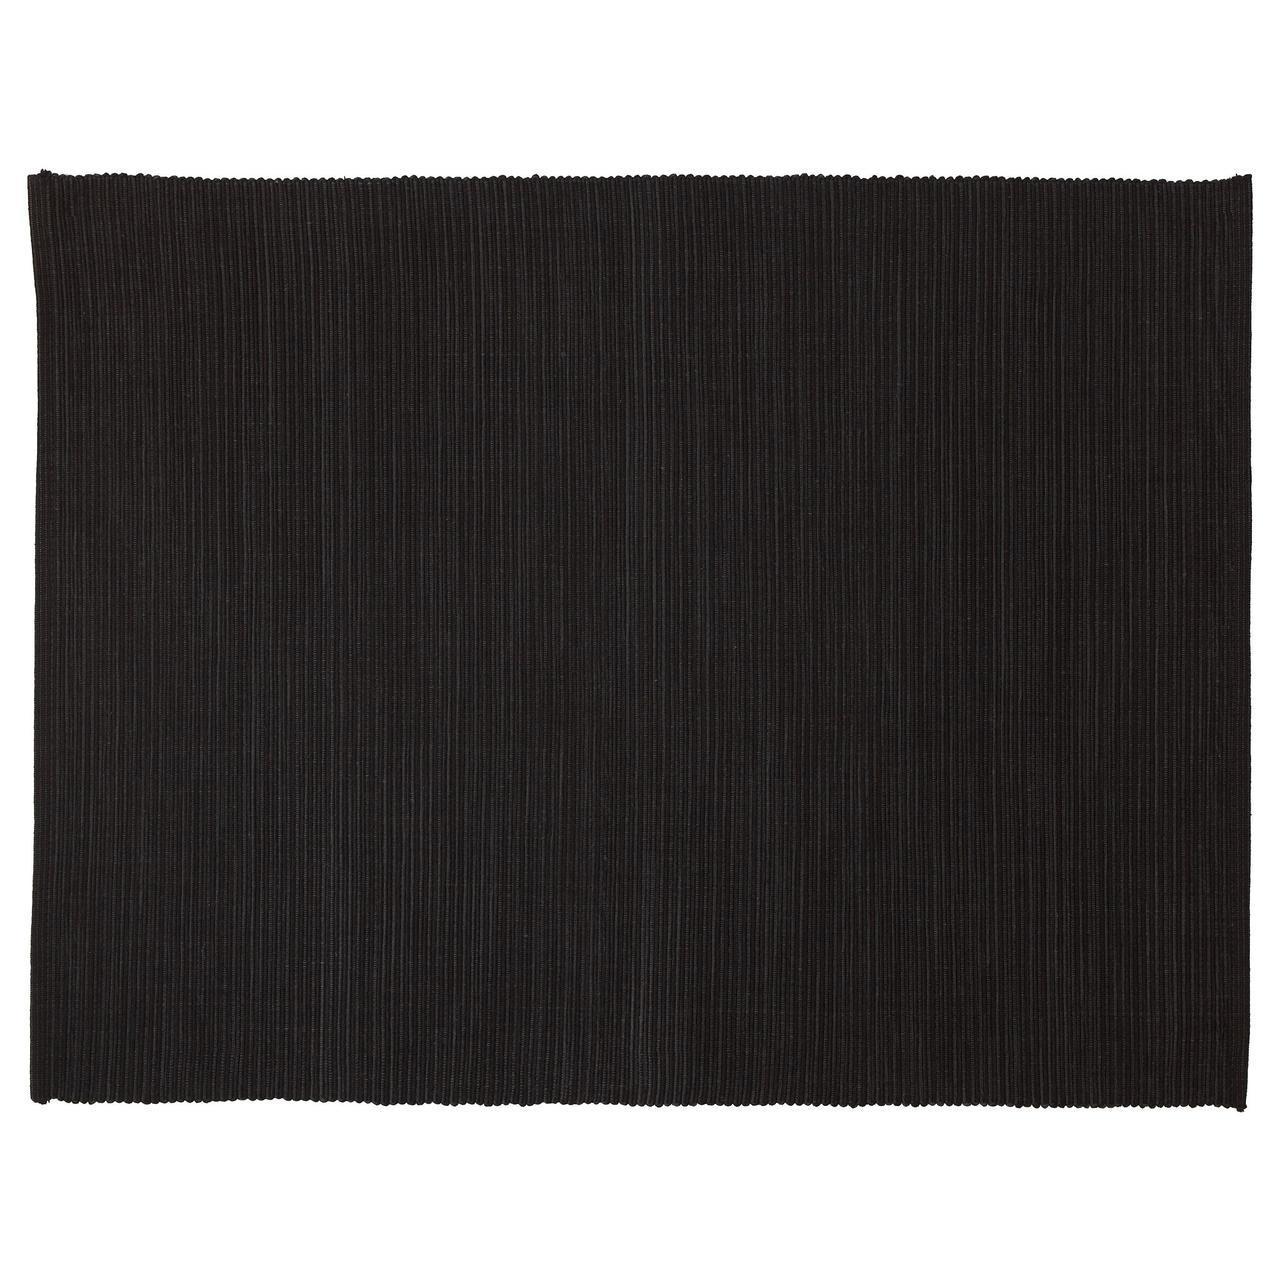 ✅ IKEA MARIT (802.461.83) Салфетка под приборы черная